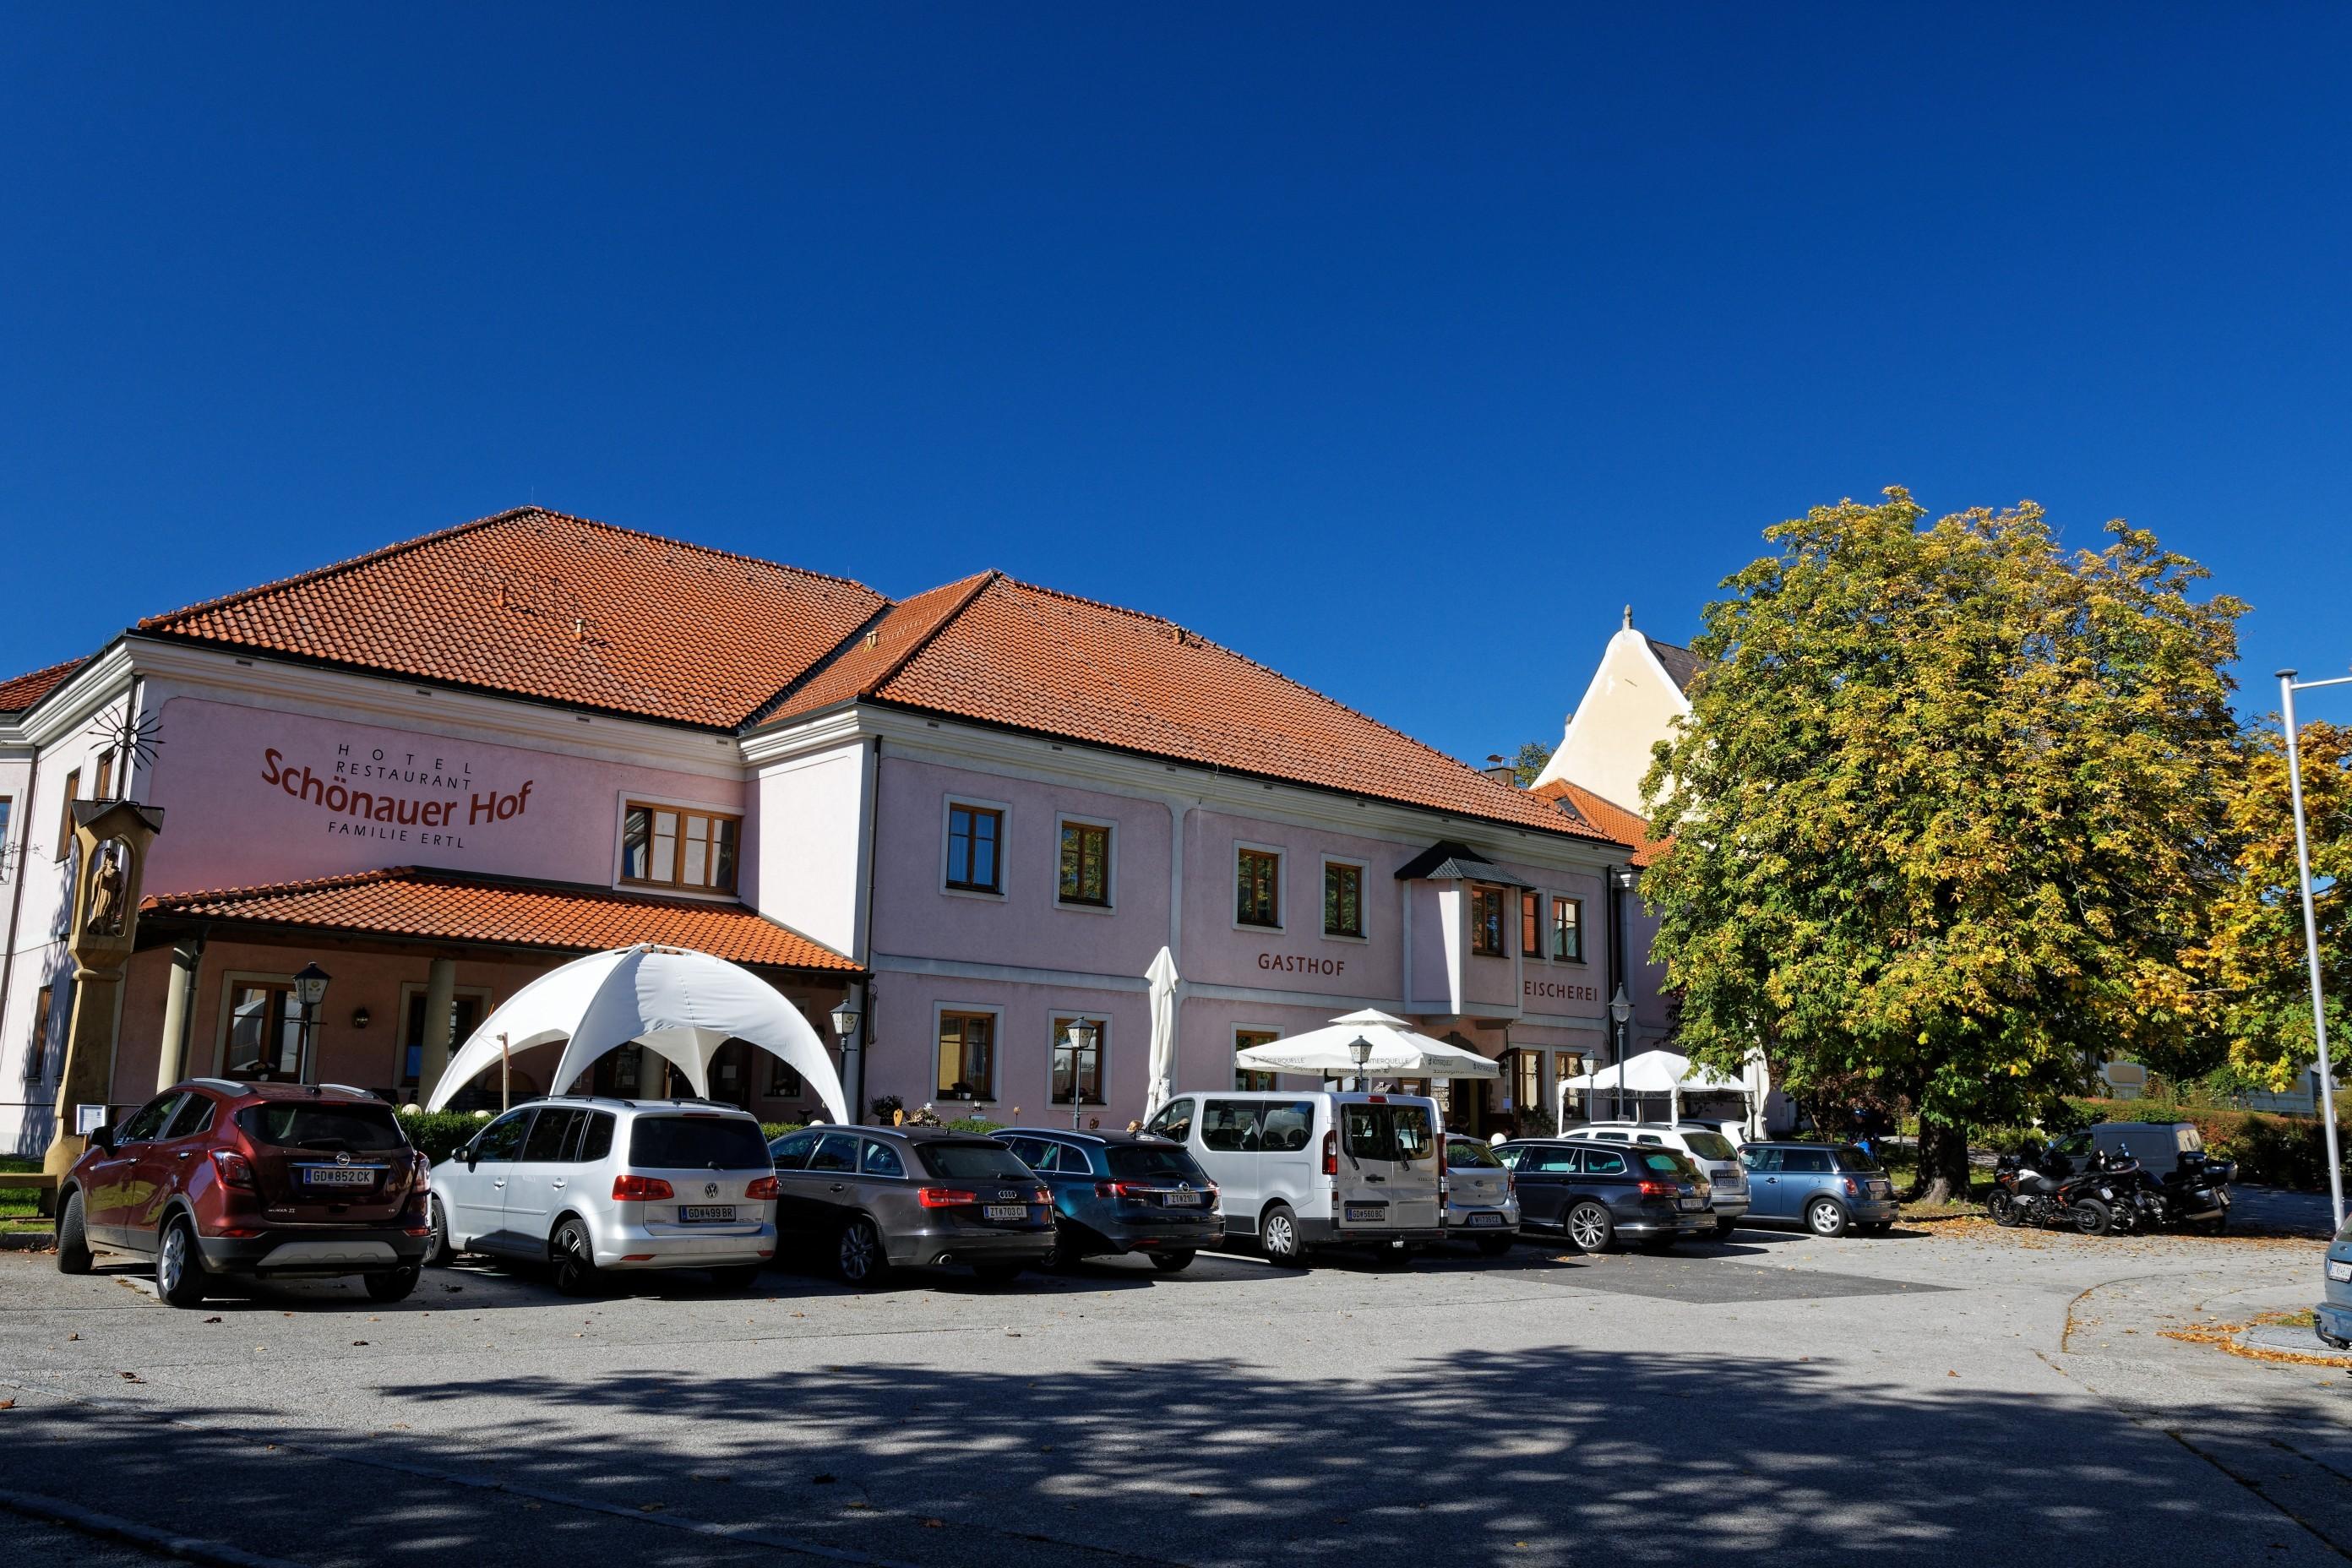 schönauerhof in grossschönau 2020-10-05